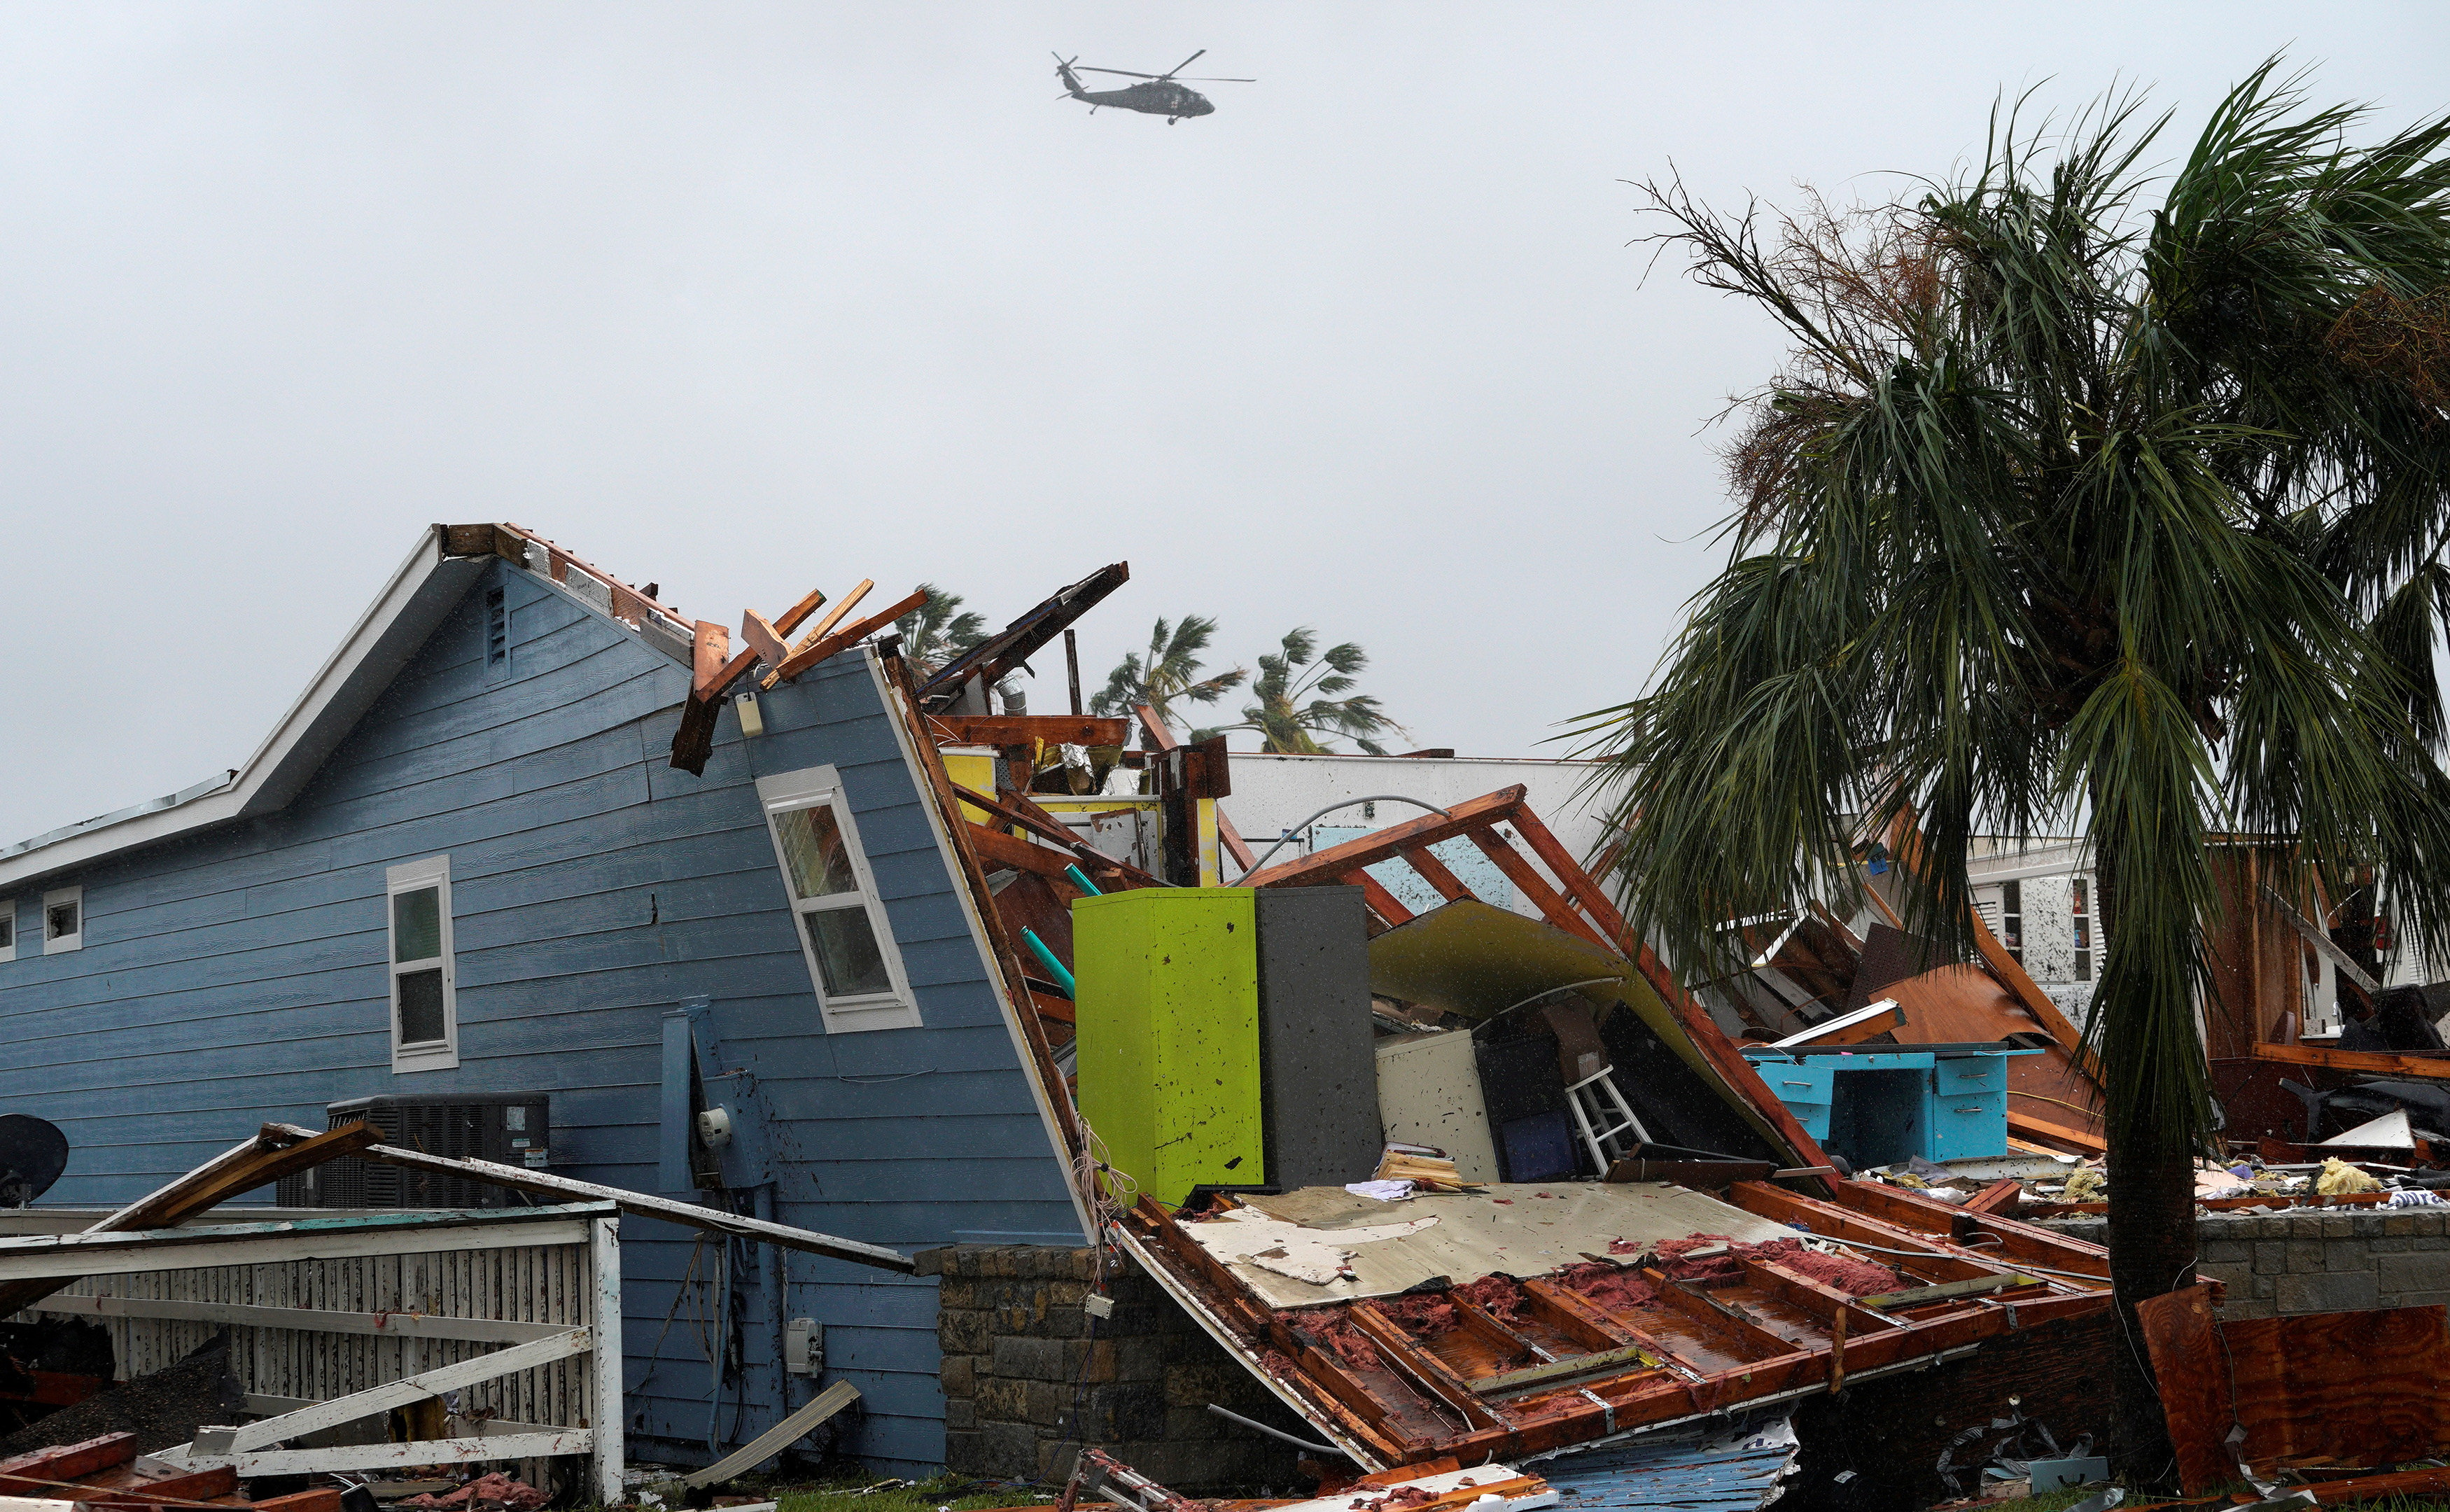 Bão Irma và Harvey thổi bay hàng chục tỉ đô - Ảnh 2.